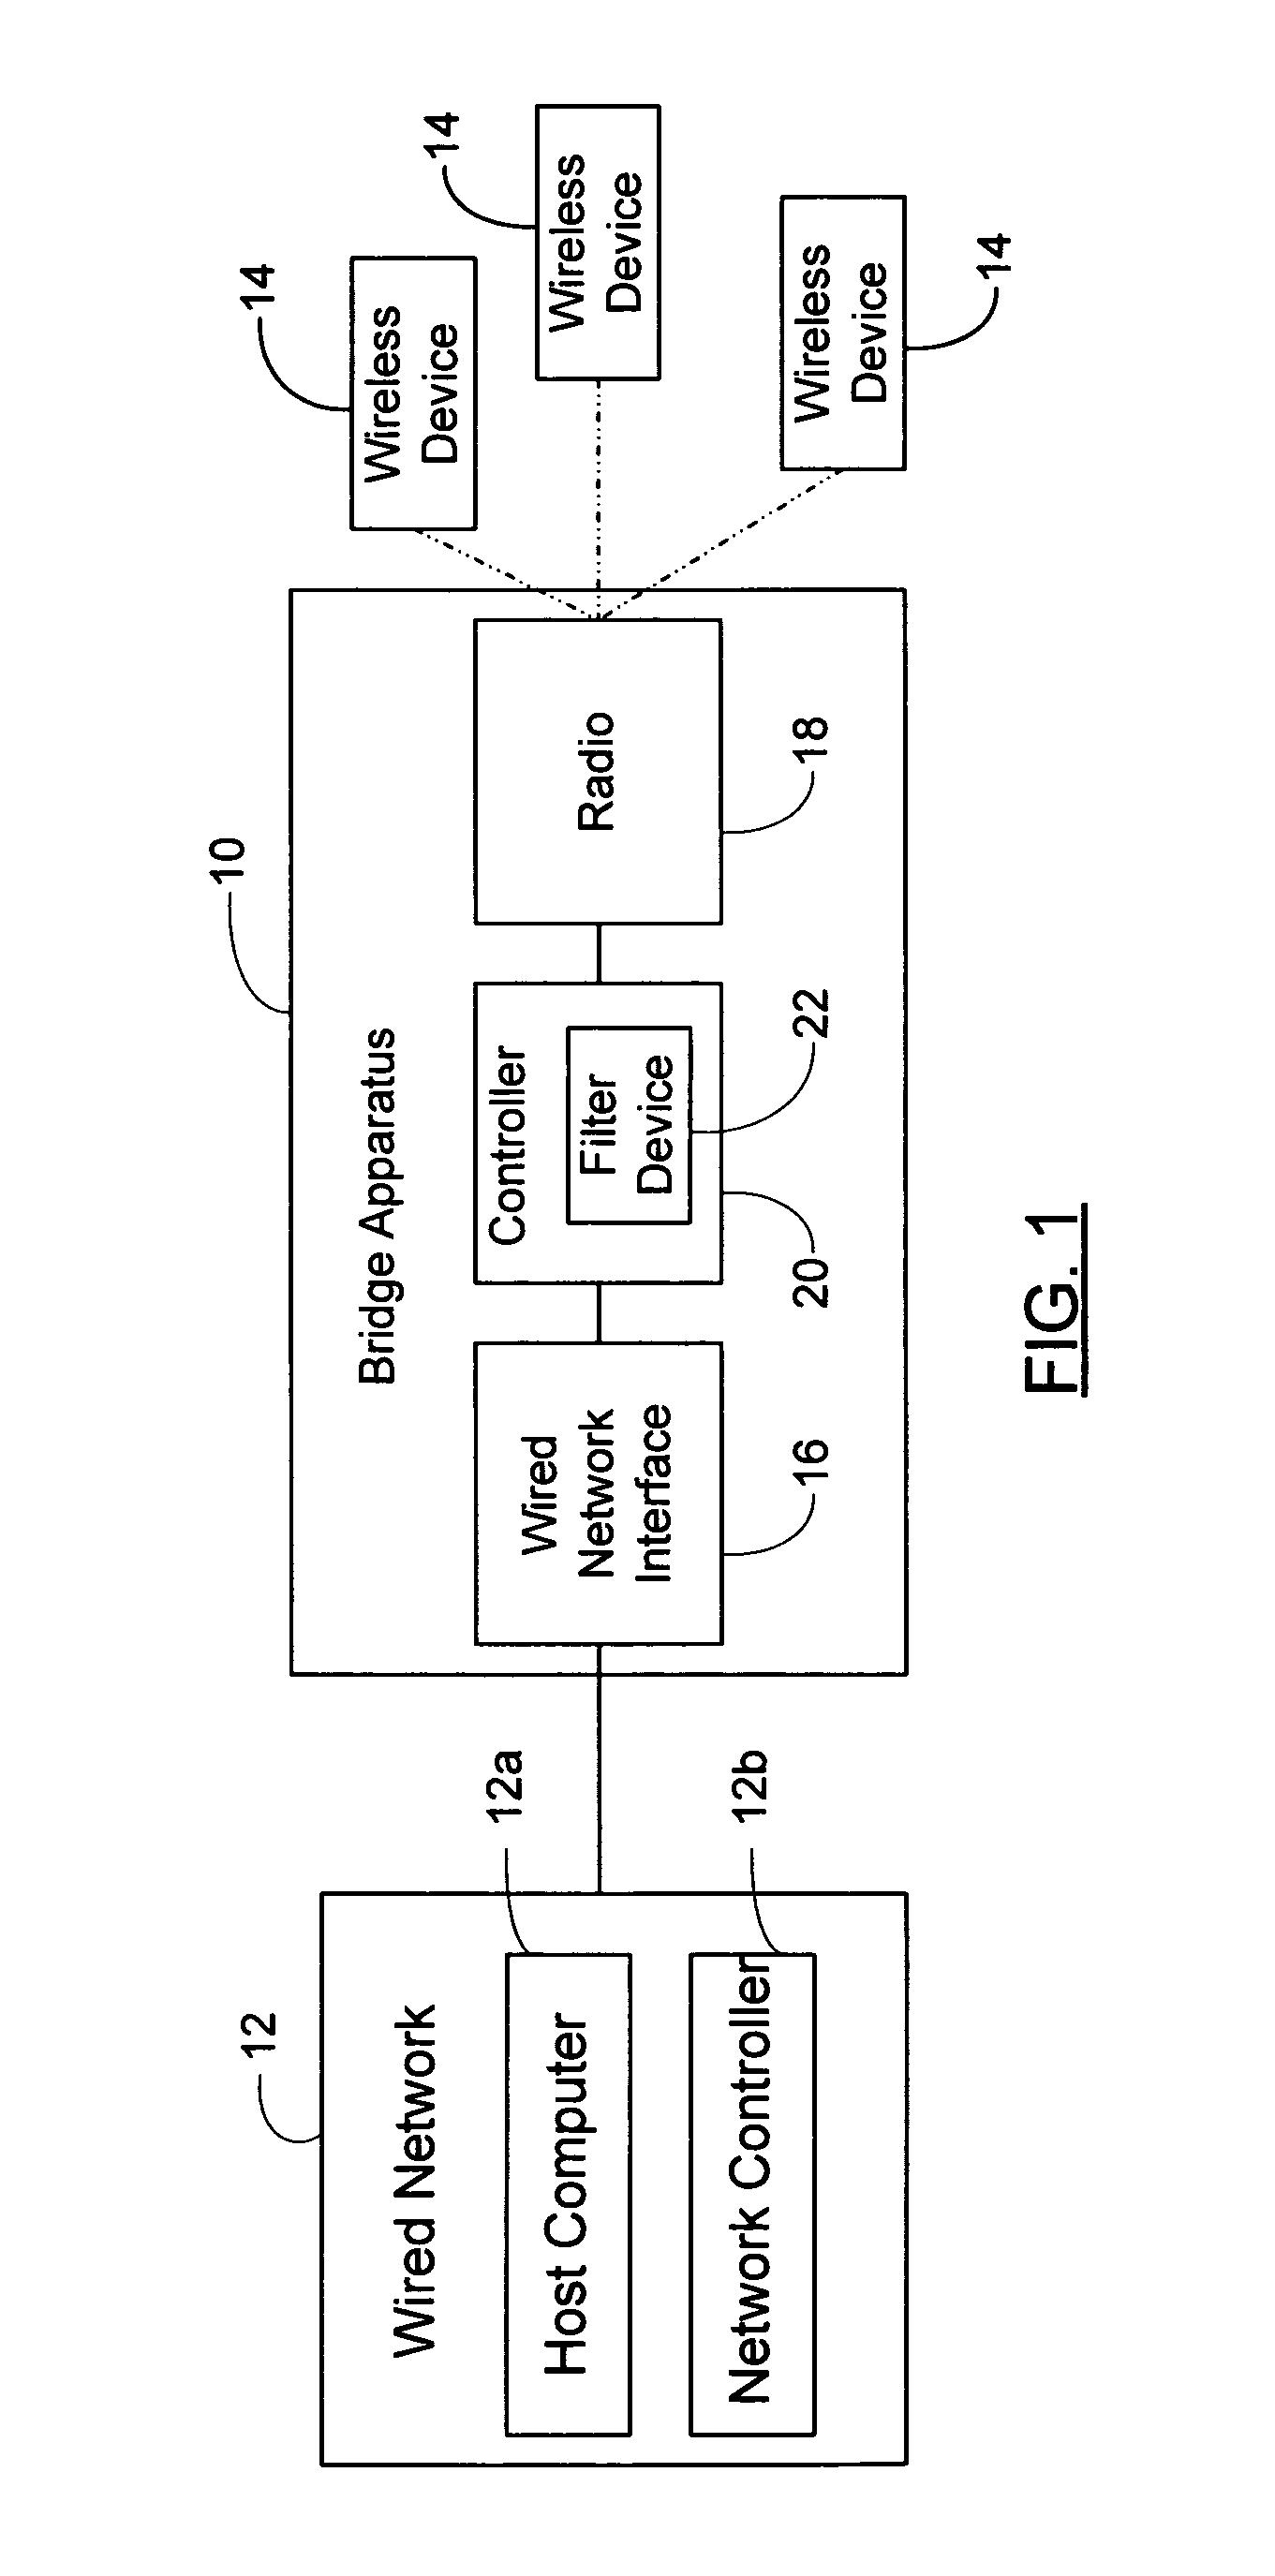 patent us7099295